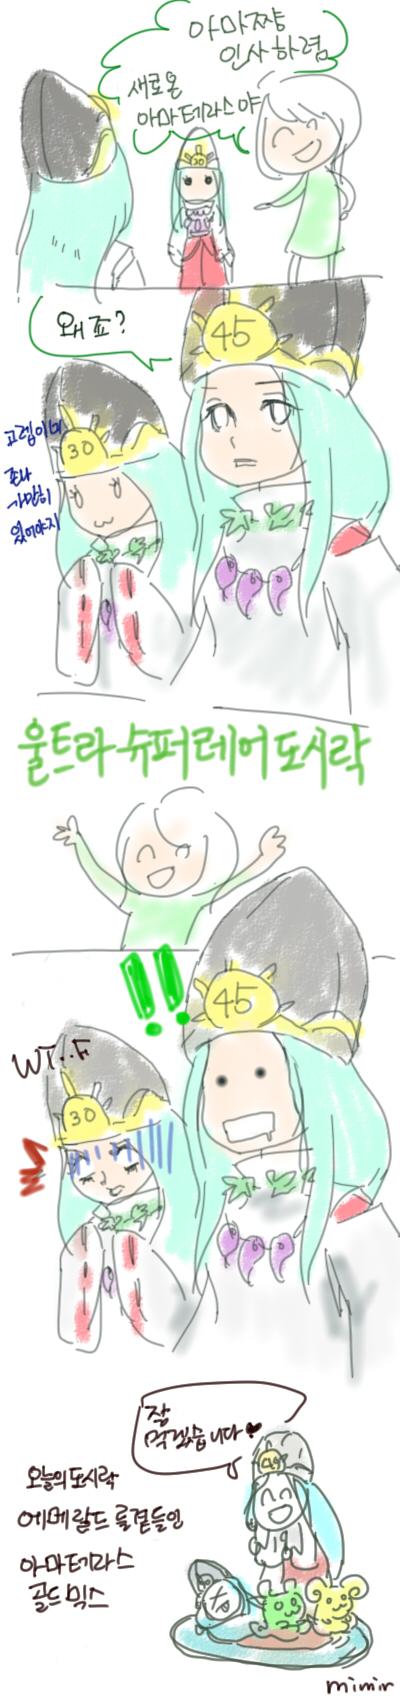 퍼드/ 아마테라스 밥 먹는 만화